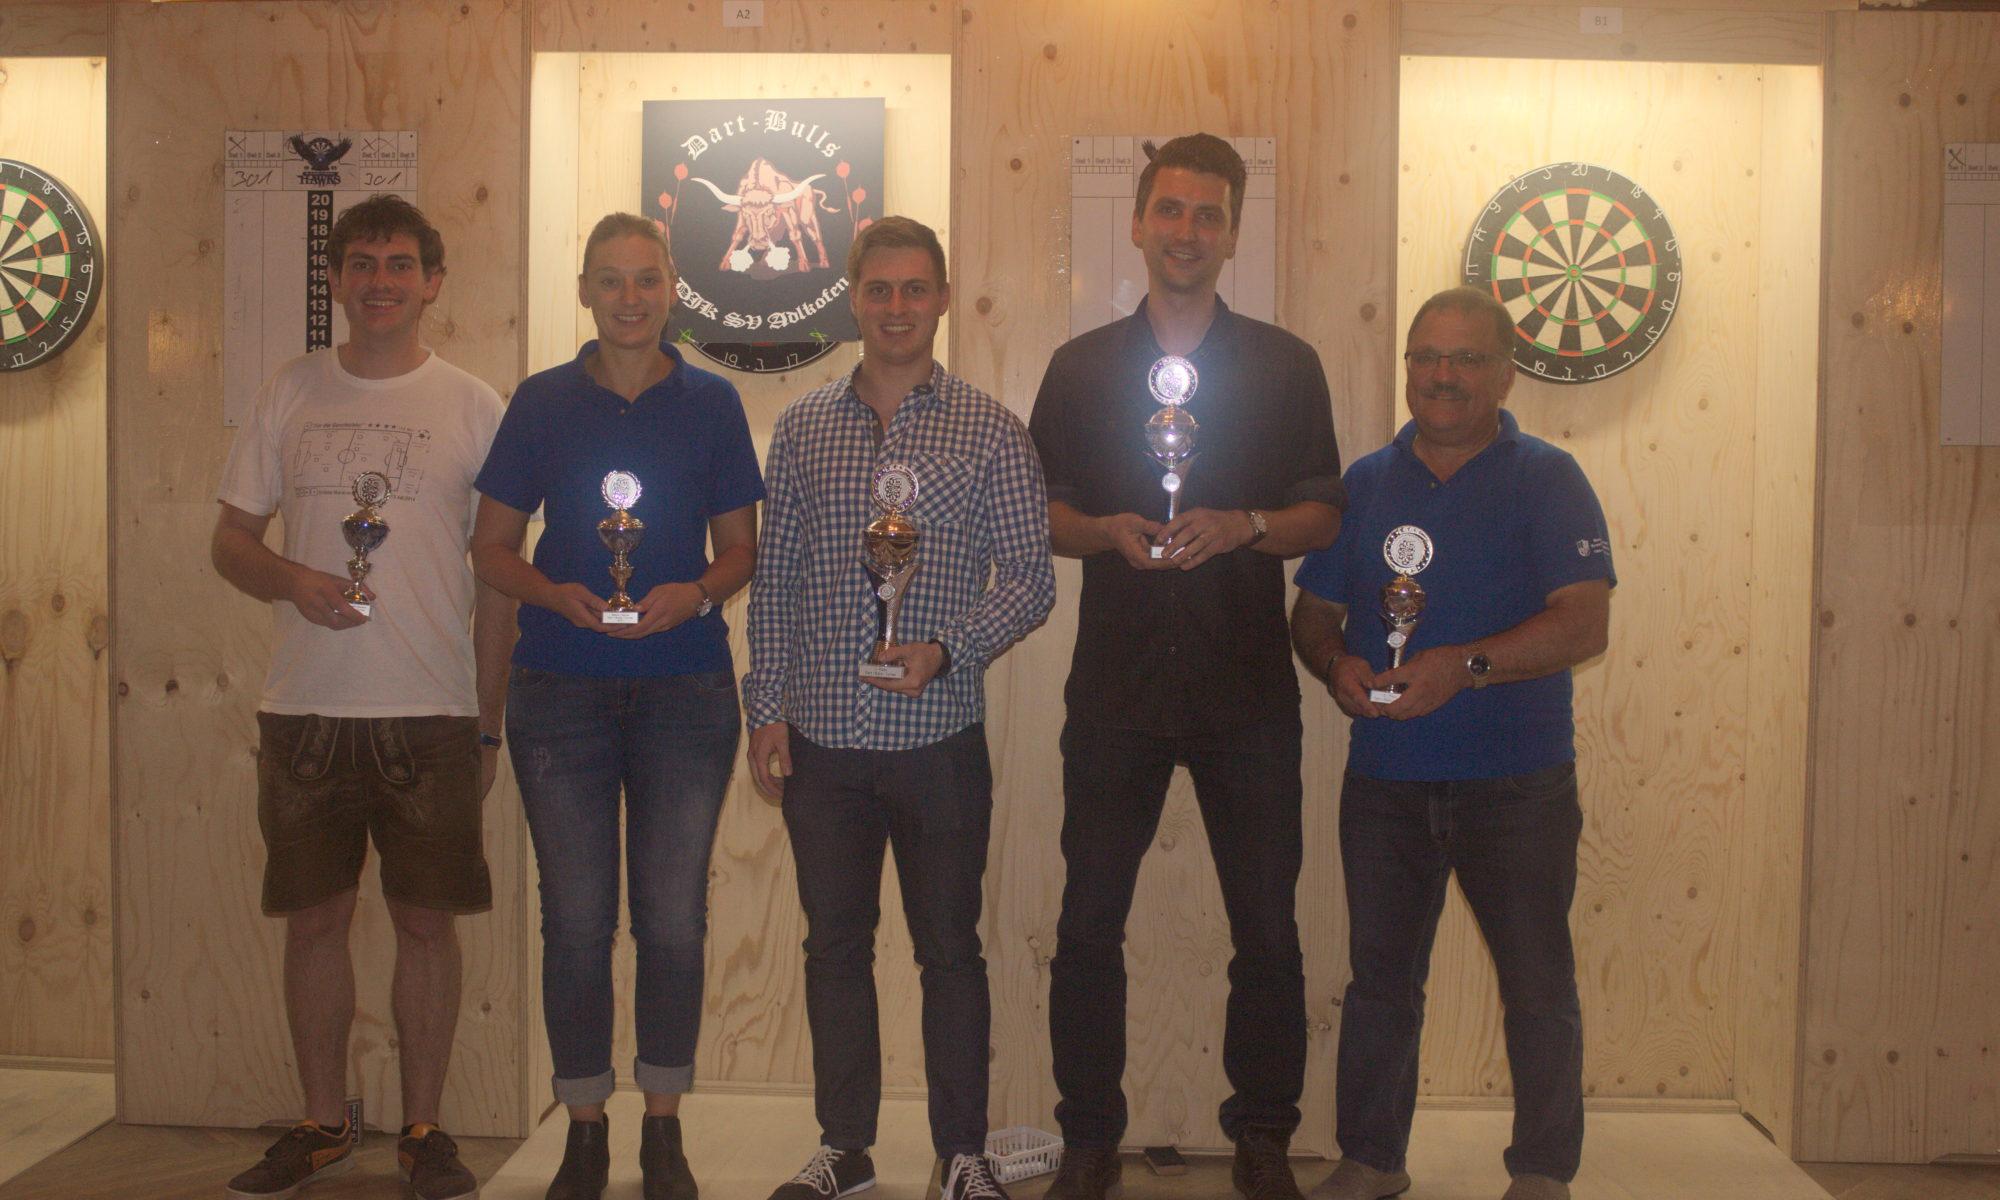 Die Sieger des Turniers 2017